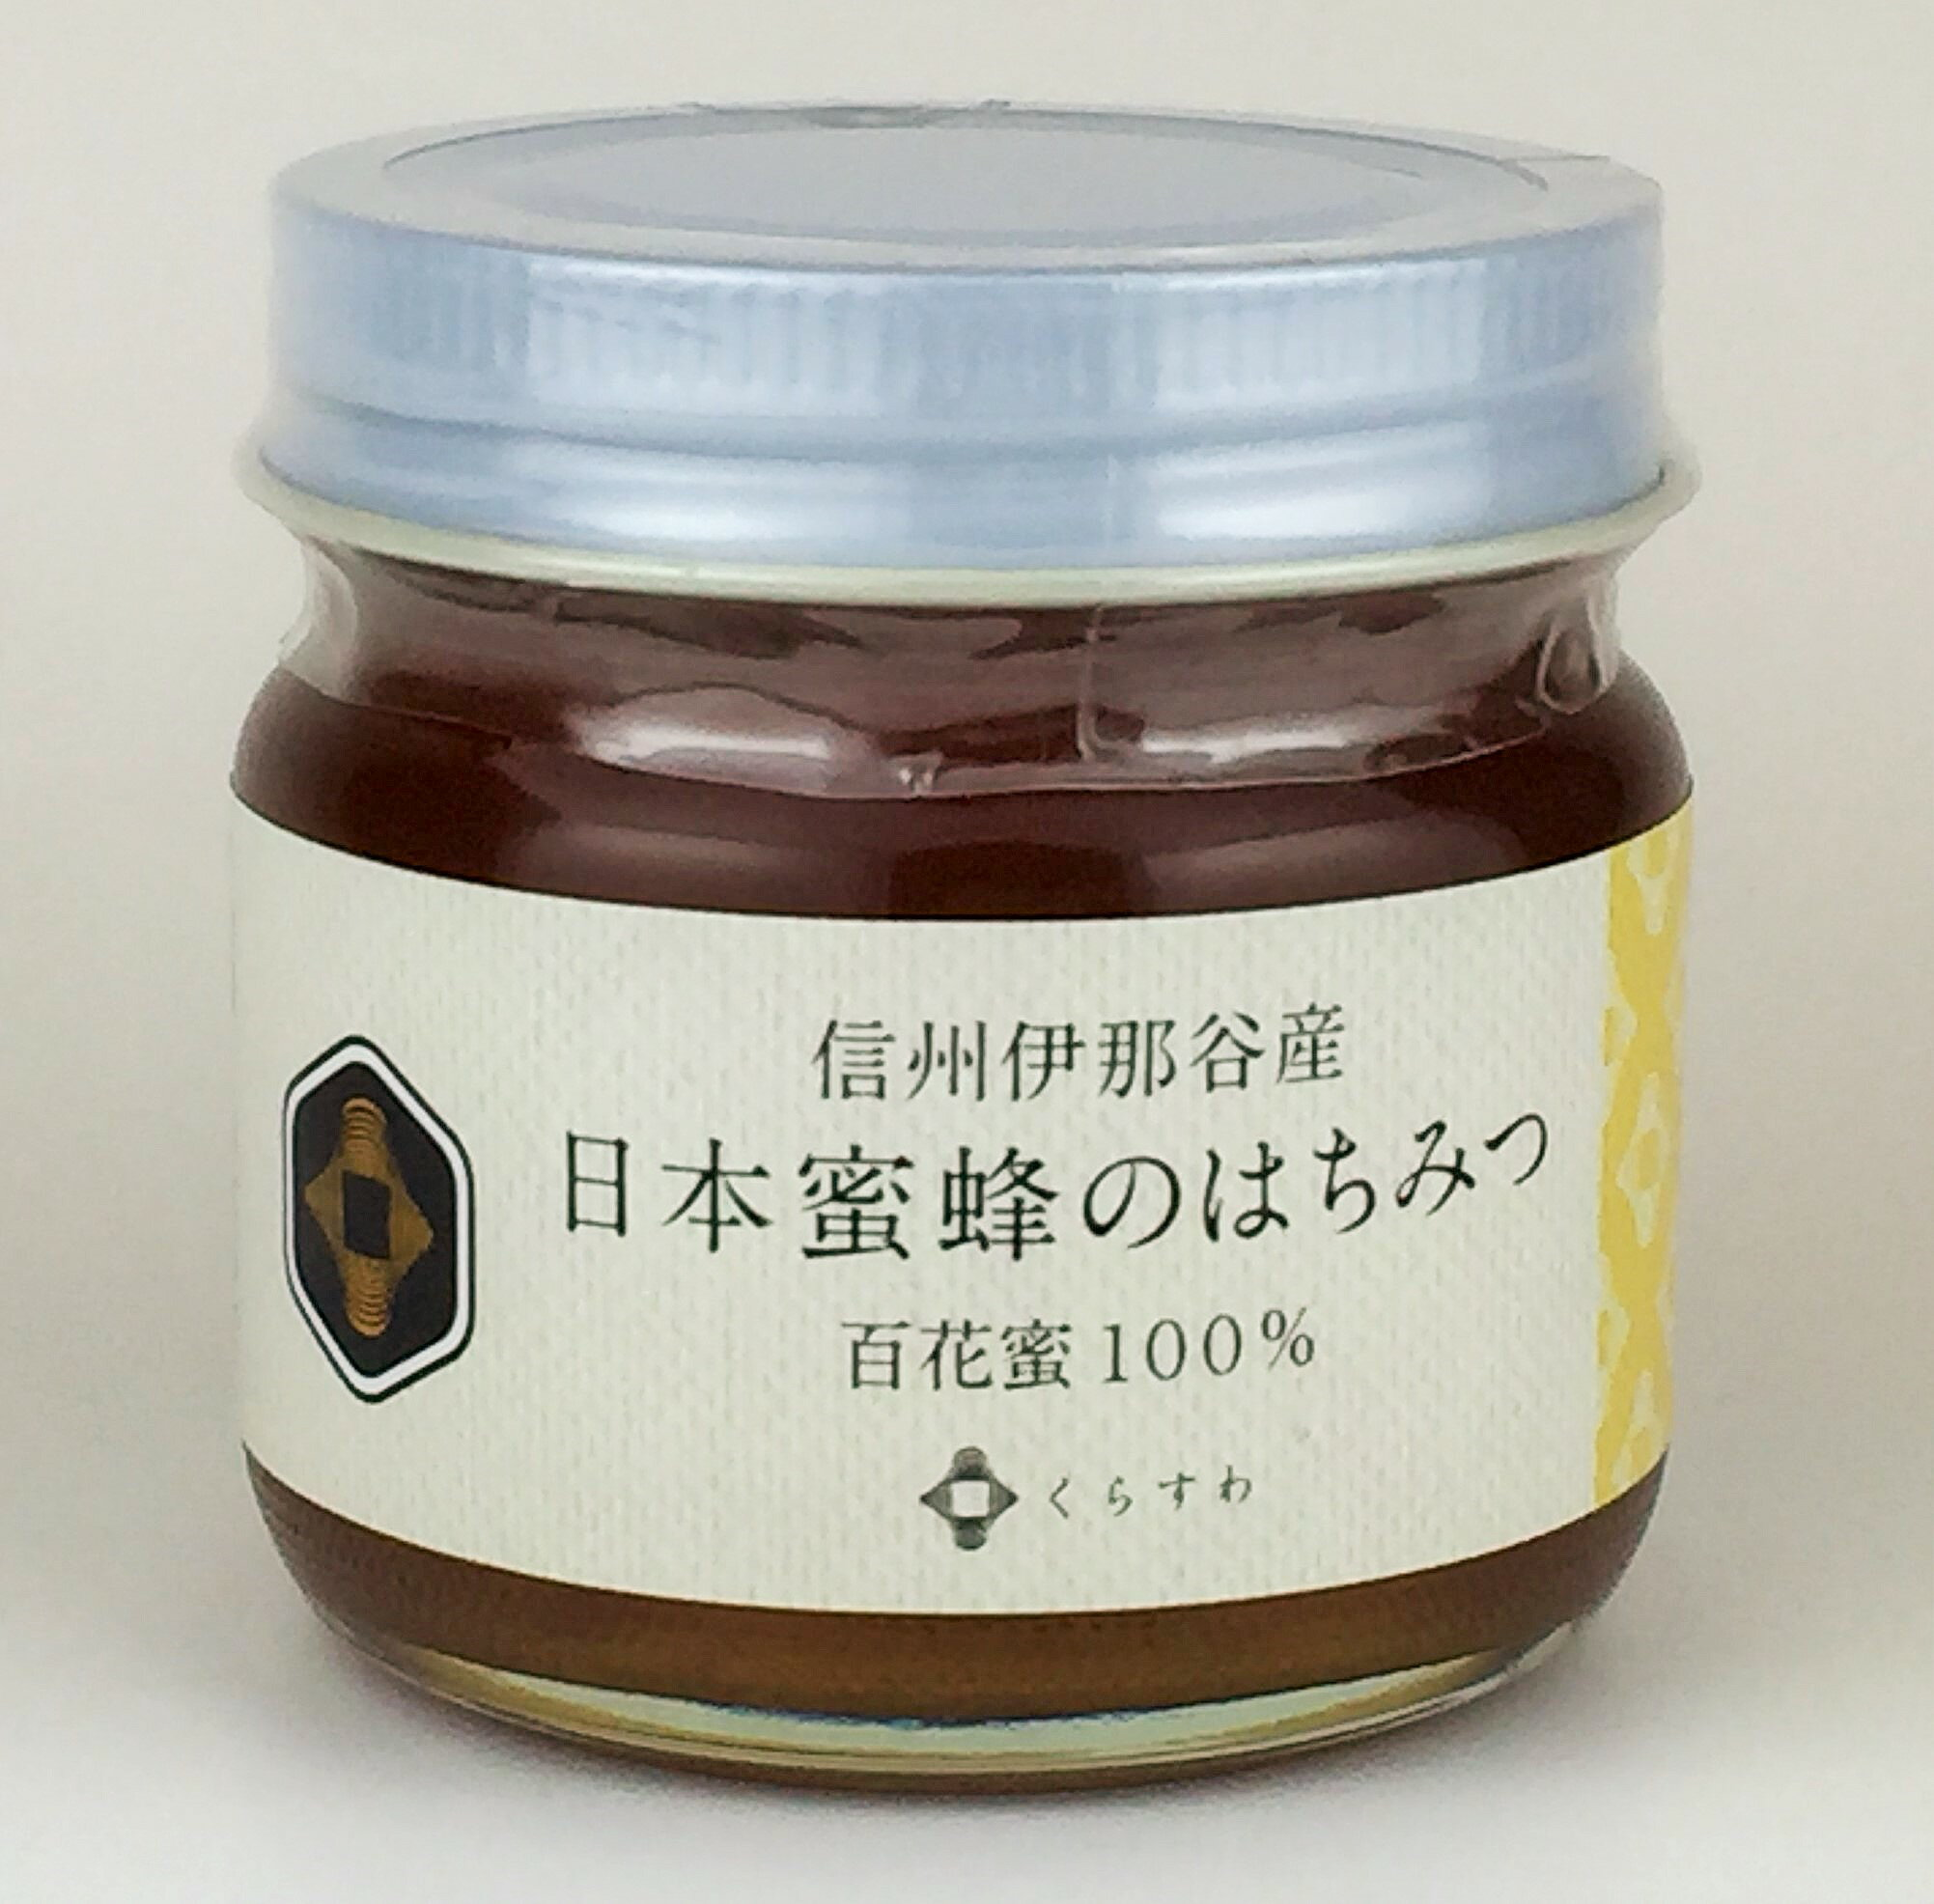 日本蜜蜂のはちみつ(100g)